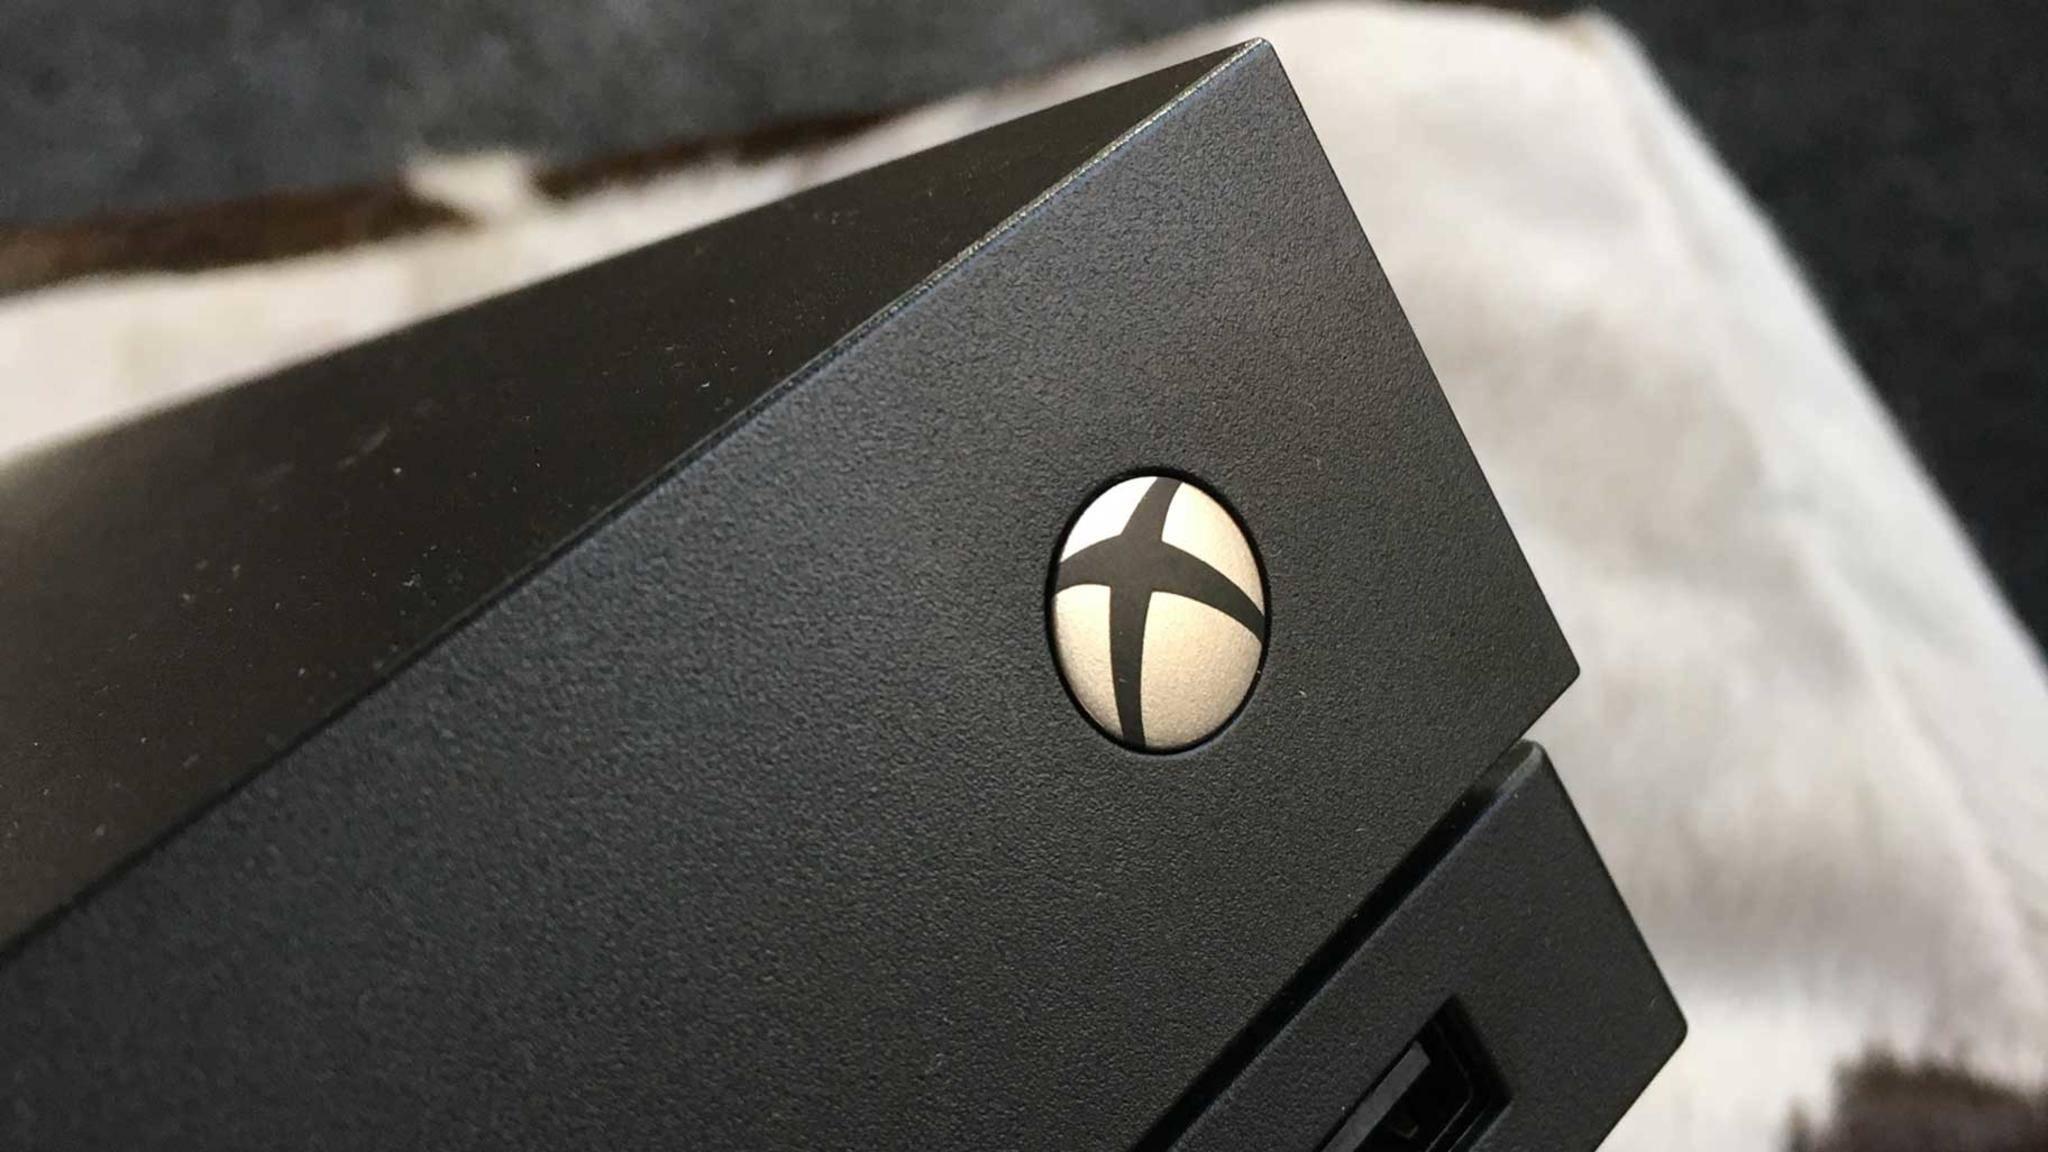 Die Xbox One lässt sich über Umwege auch mit Maus und Tastatur ansteuern.